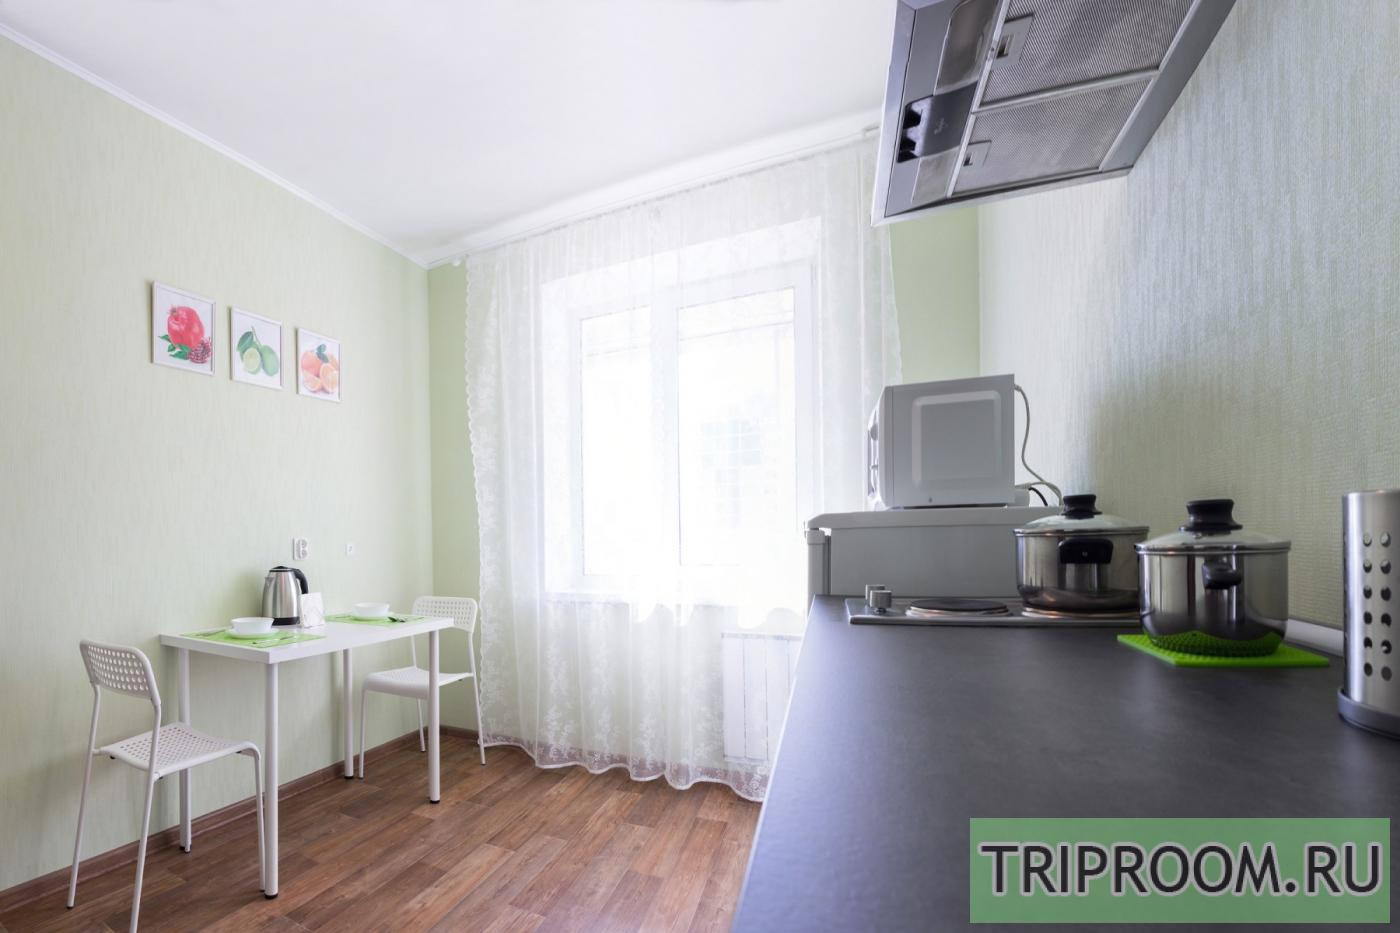 1-комнатная квартира посуточно (вариант № 33104), ул. Вилонова улица, фото № 5